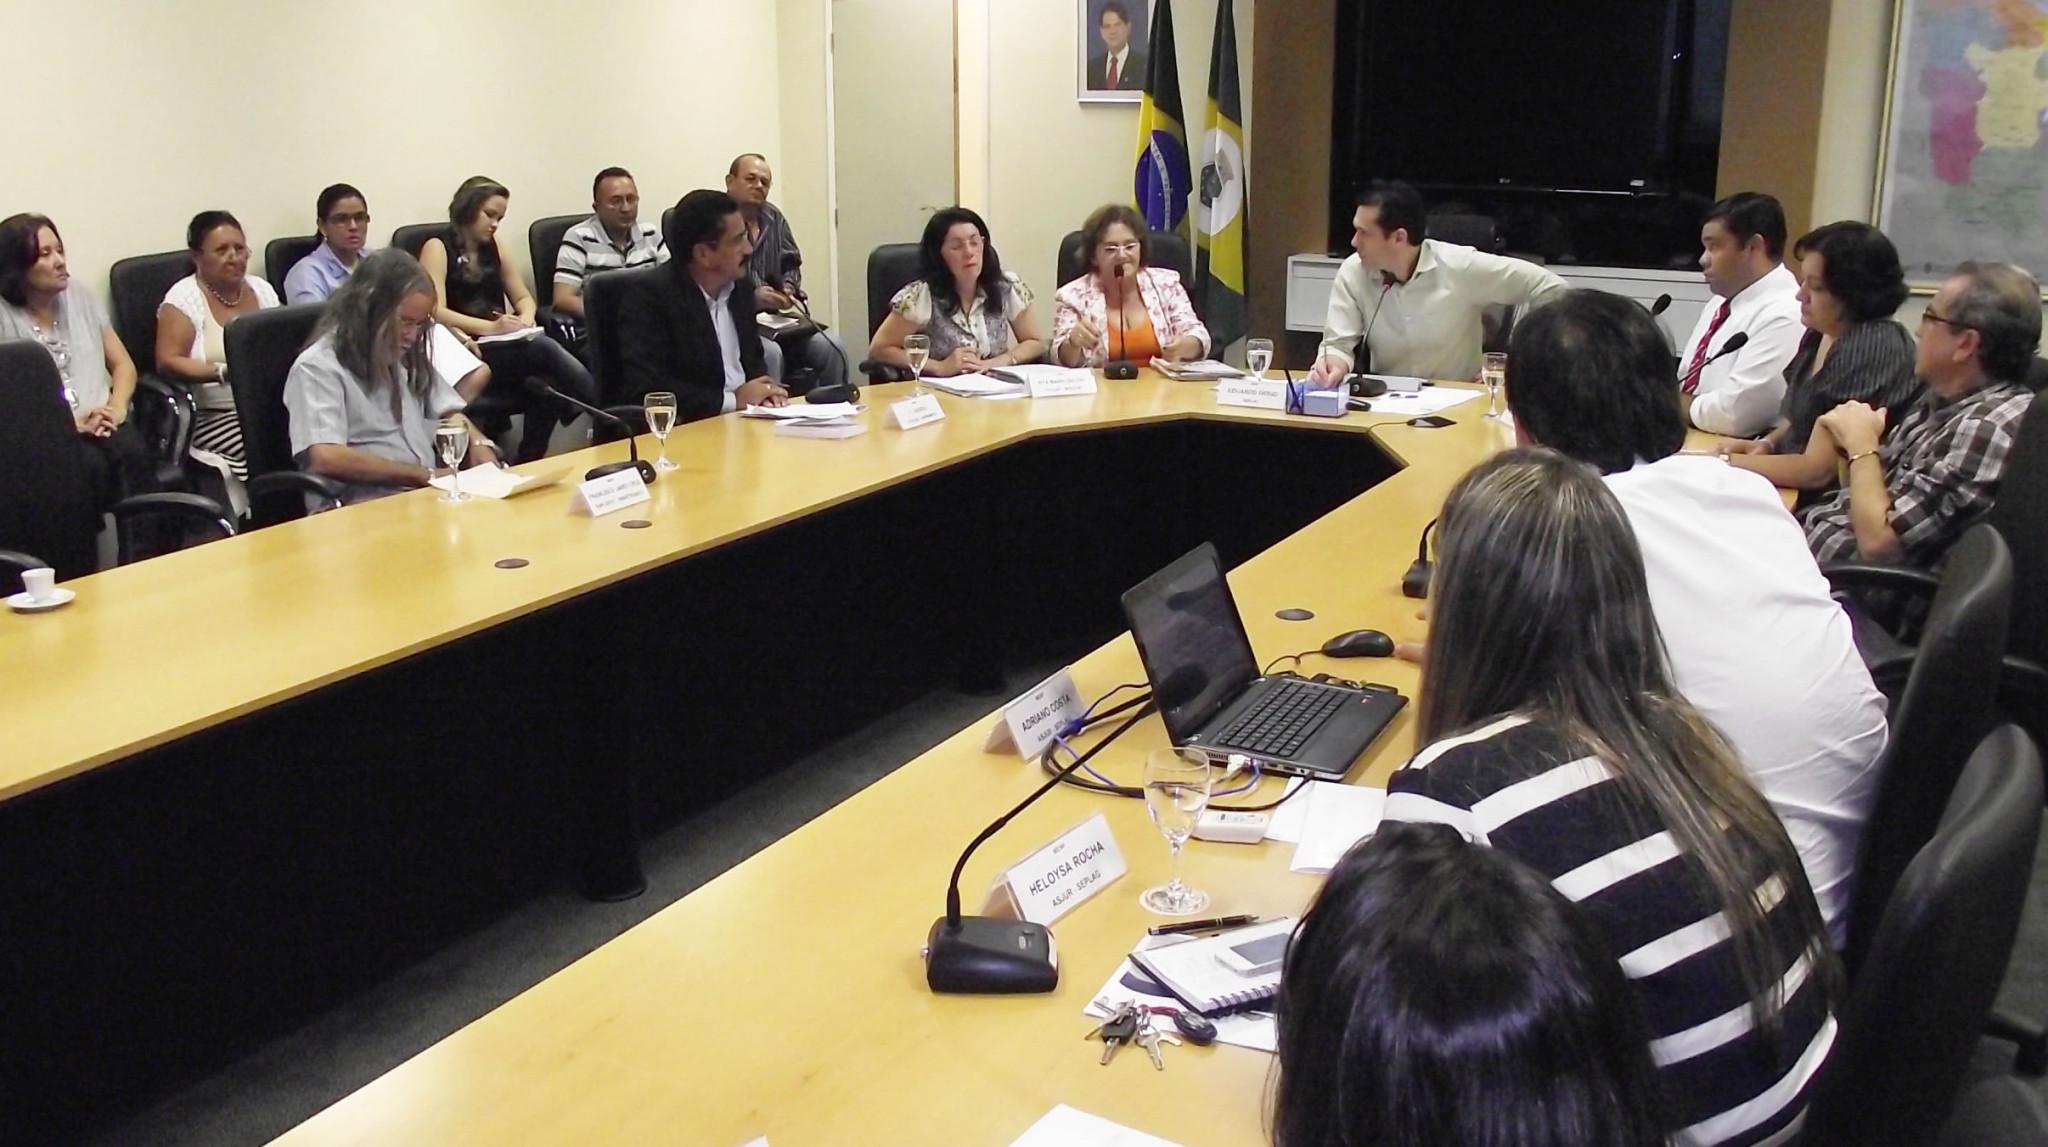 MENP debaterá previdência complementar e assistência média